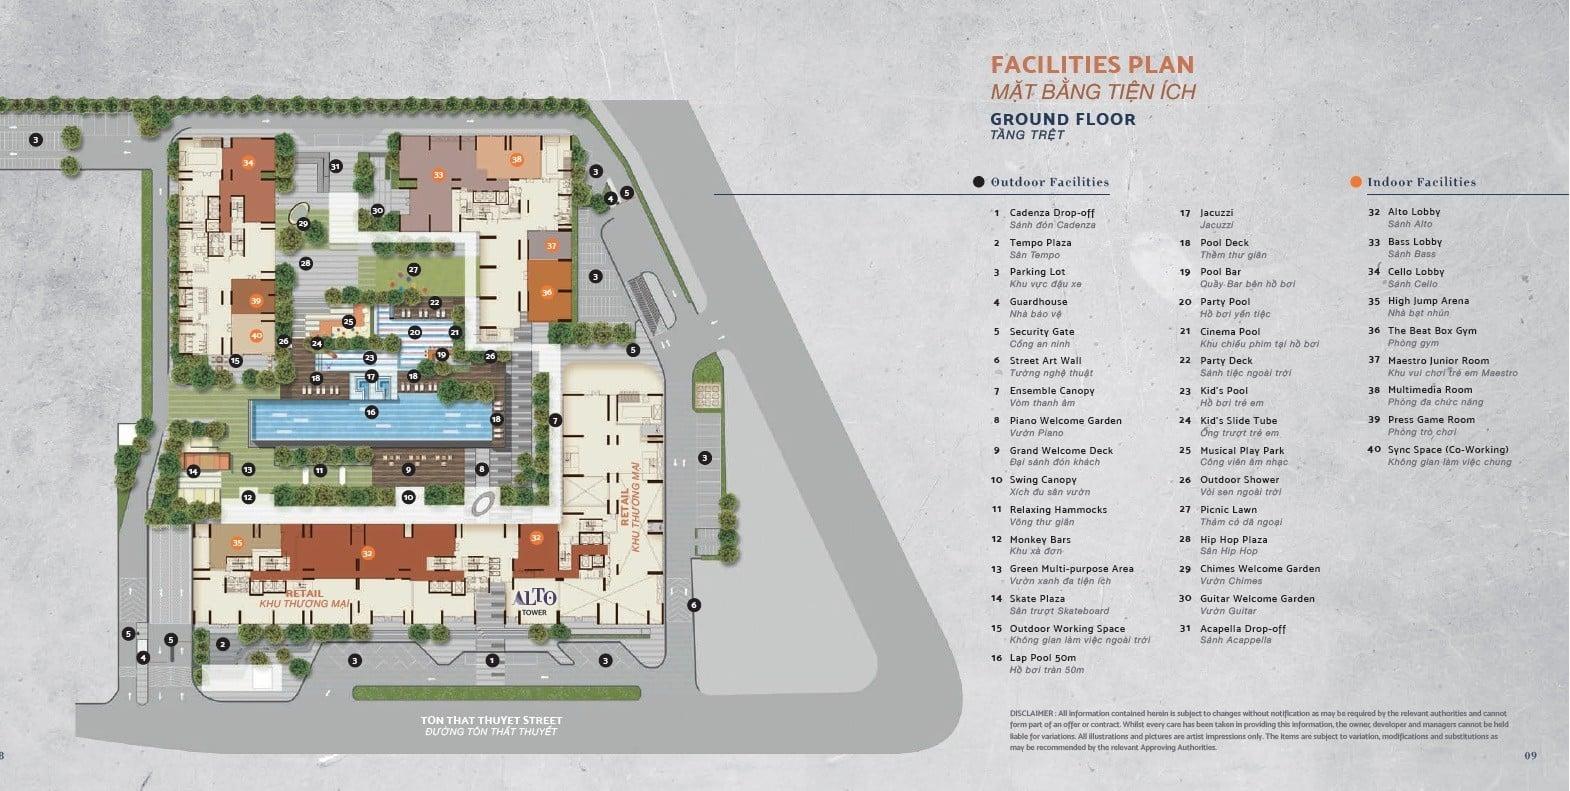 de-la-sol-hcmc-facilities-siteplan